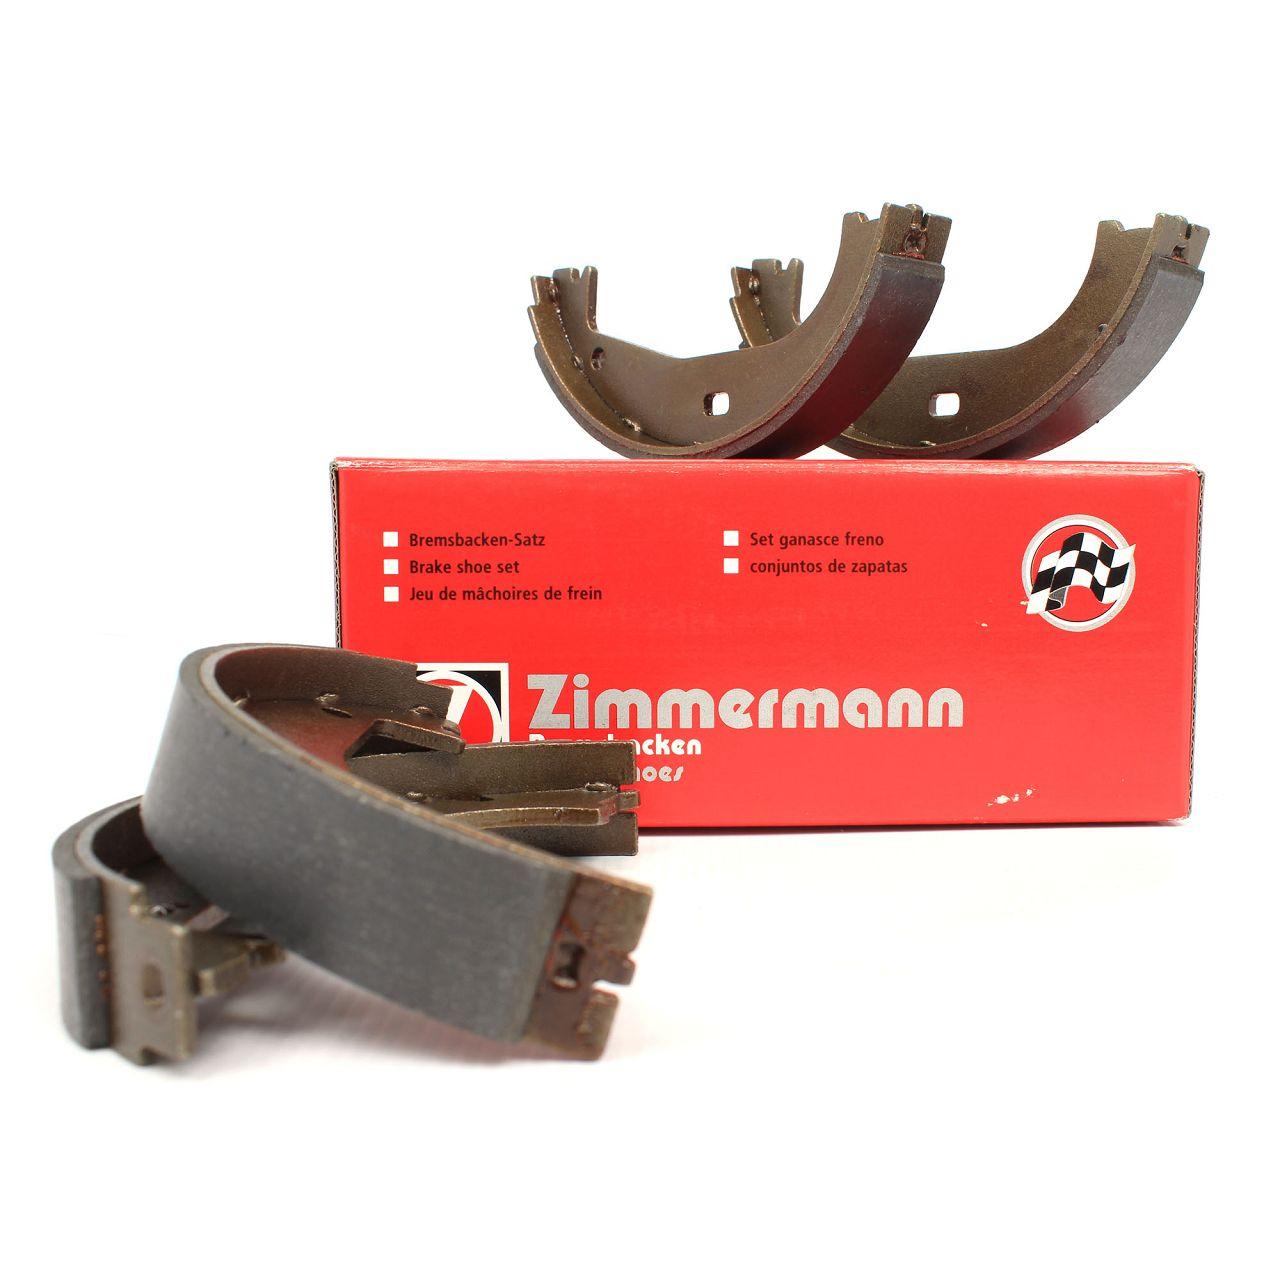 ZIMMERMANN Bremsbacken Satz BMW 3er E36 316-328i 318/325tds Z1 2.5 Z3 1.8-3.0